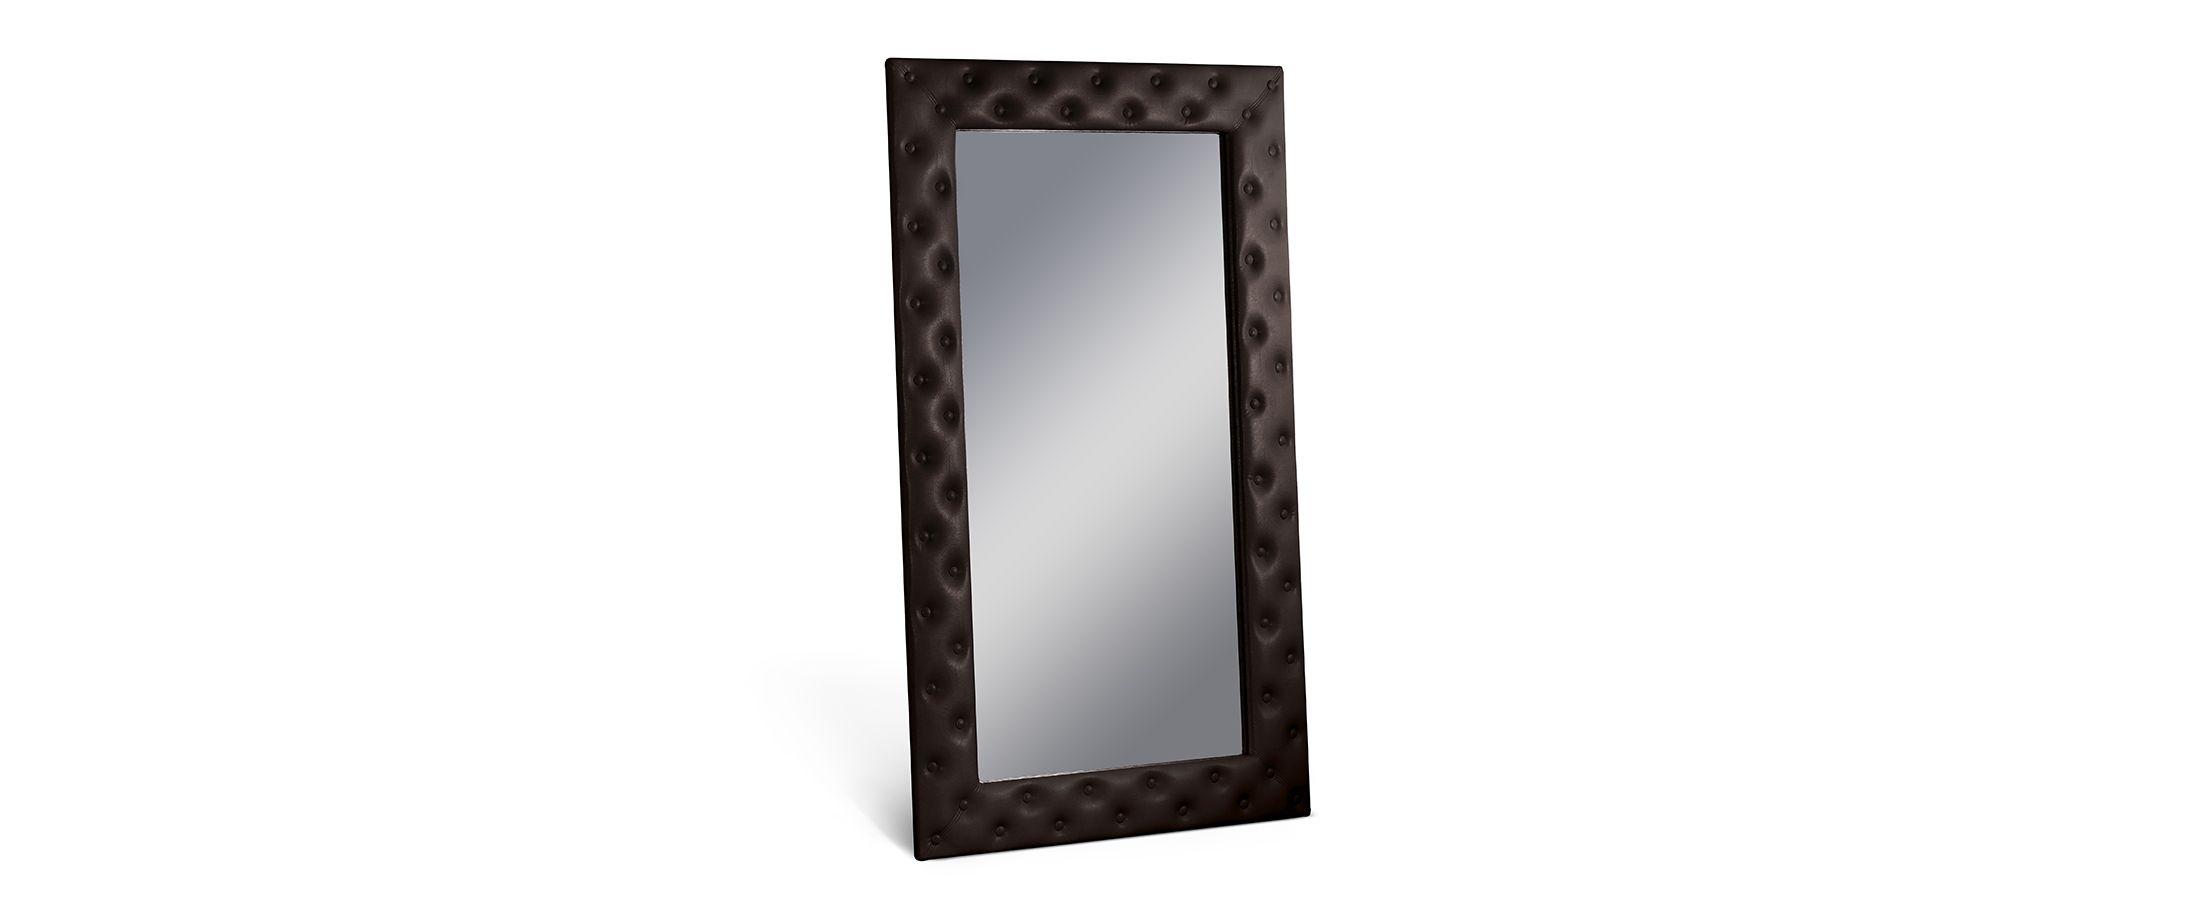 Зеркало Кааба большое с пуговицами пралинеЗеркало навесное в спальню. Обивка из экокожи с декоративными пуговицами. Артикул: К000547